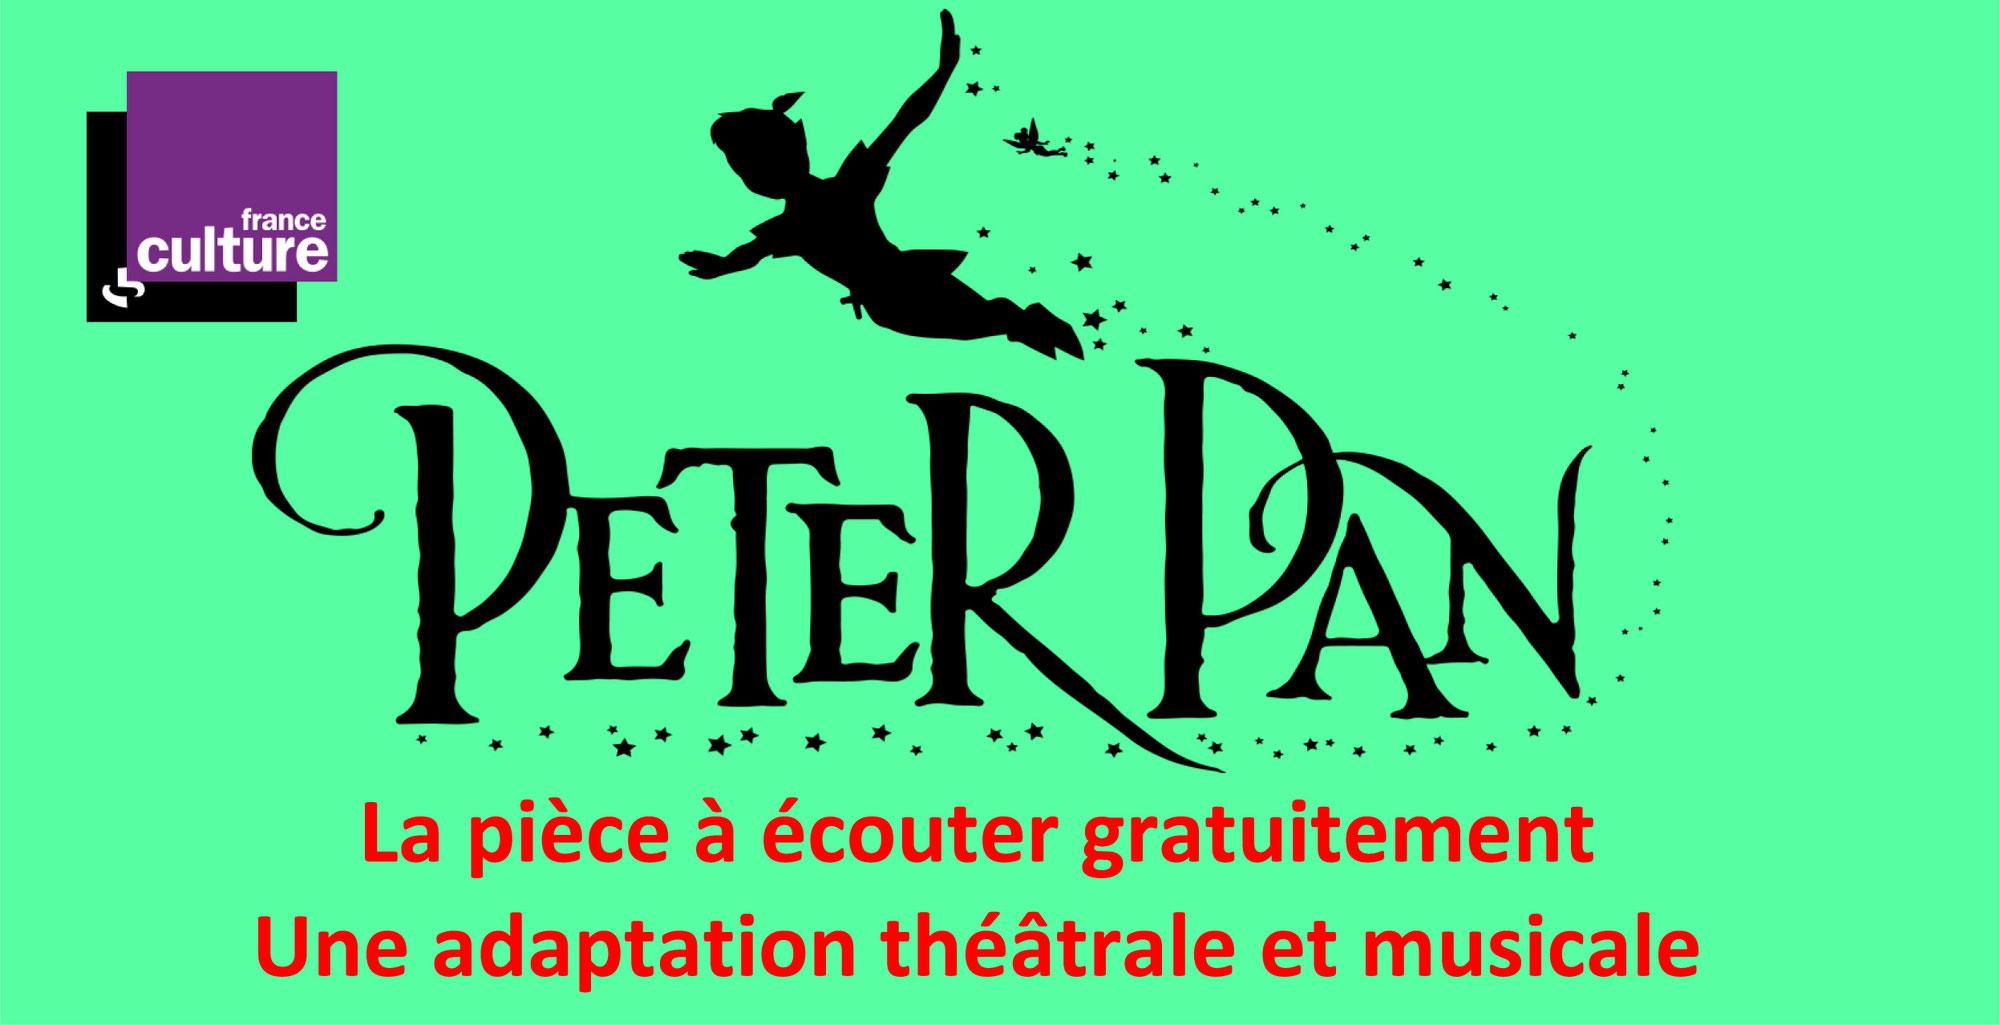 PETER PAN: la pièce à écouter dans une magnifique adaptation concert-théâtre (FRANCE CULTURE)